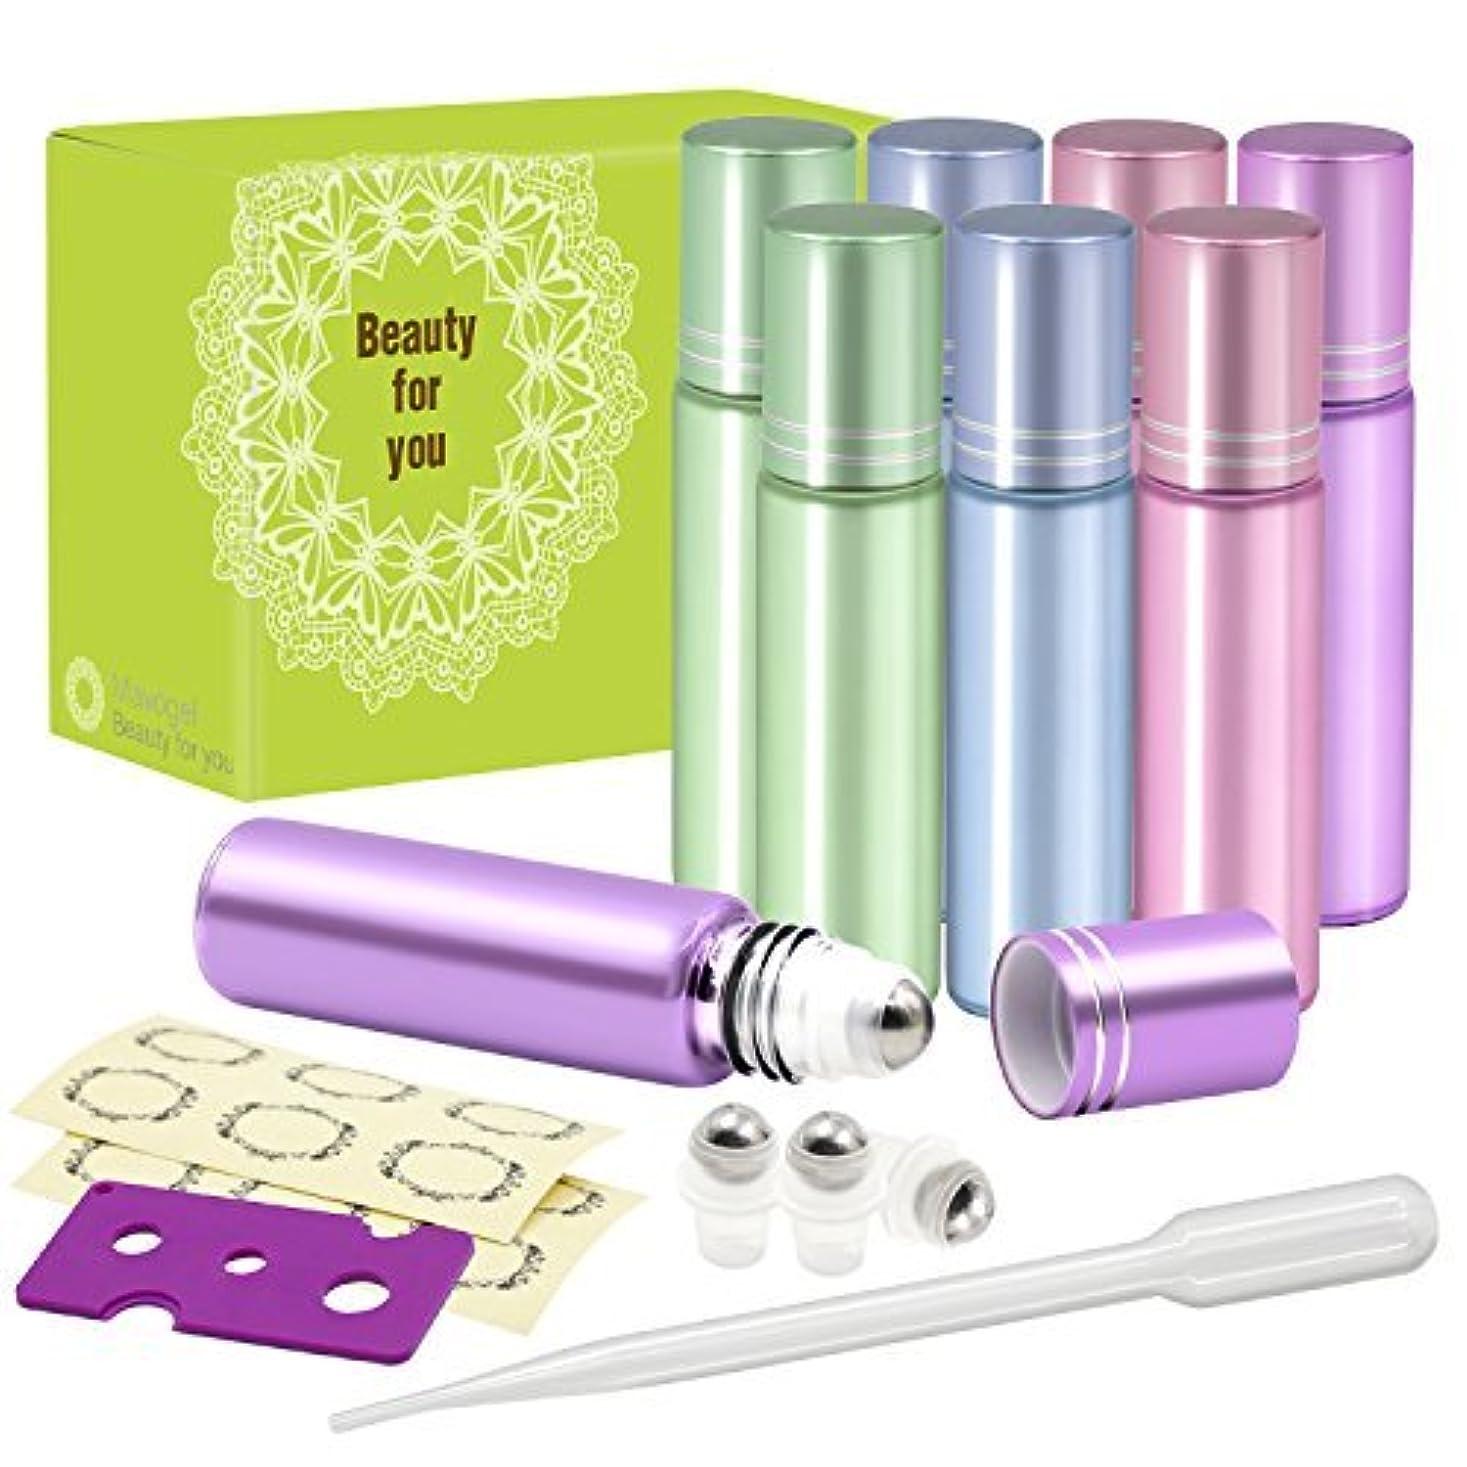 プロフェッショナル初心者コンパイルPack of 8, 10ml Glass Roll on Bottles with Stainless Steel Roller Balls for Essential Oil- Include 3 Extra Roller...